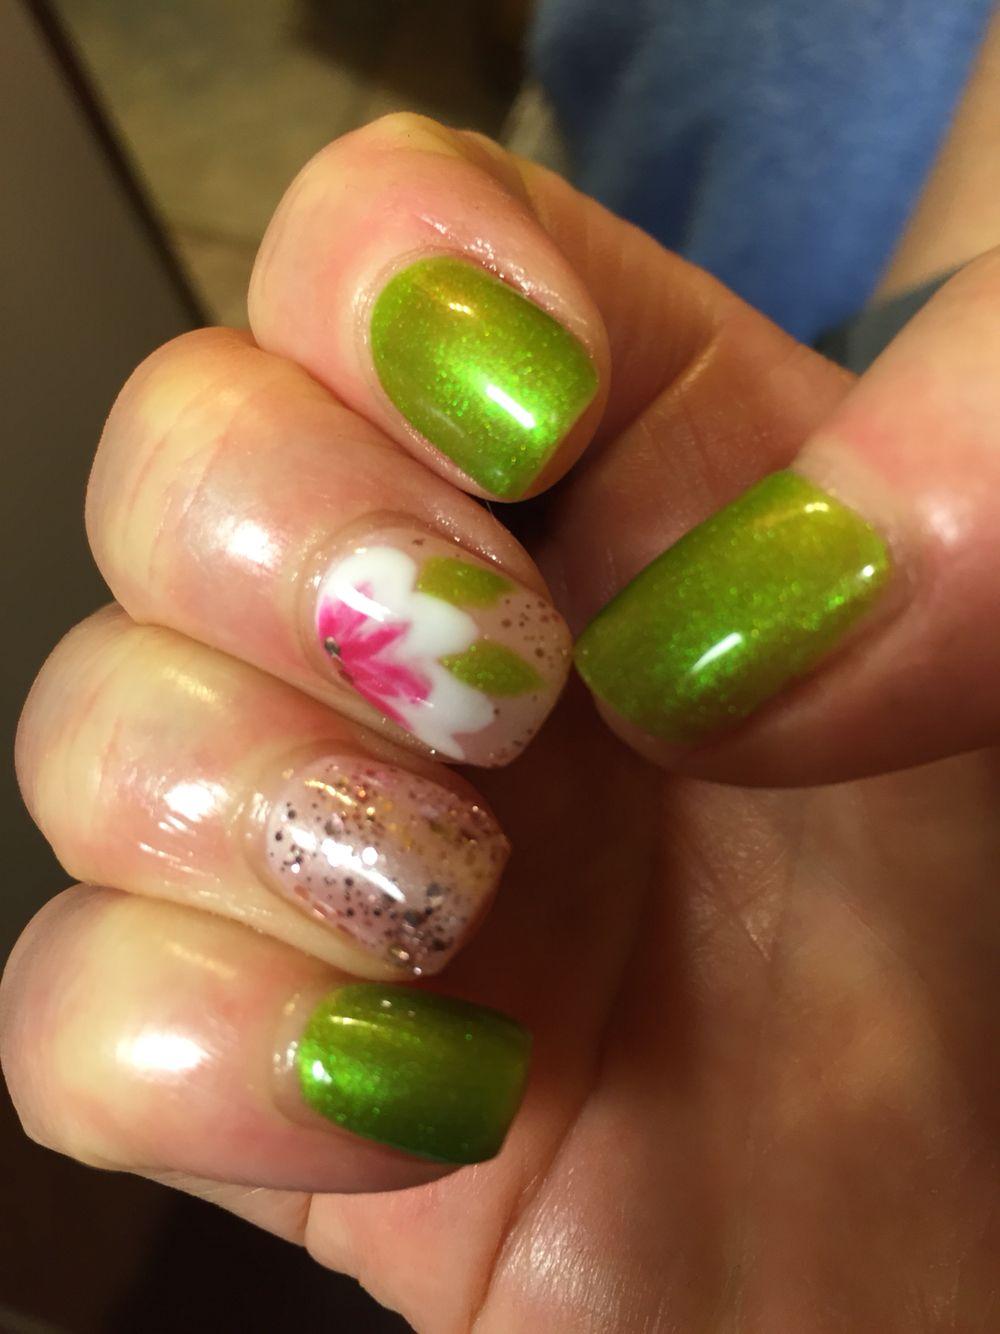 Japanese style magnolia nails | Nails | Pinterest | Japanese style